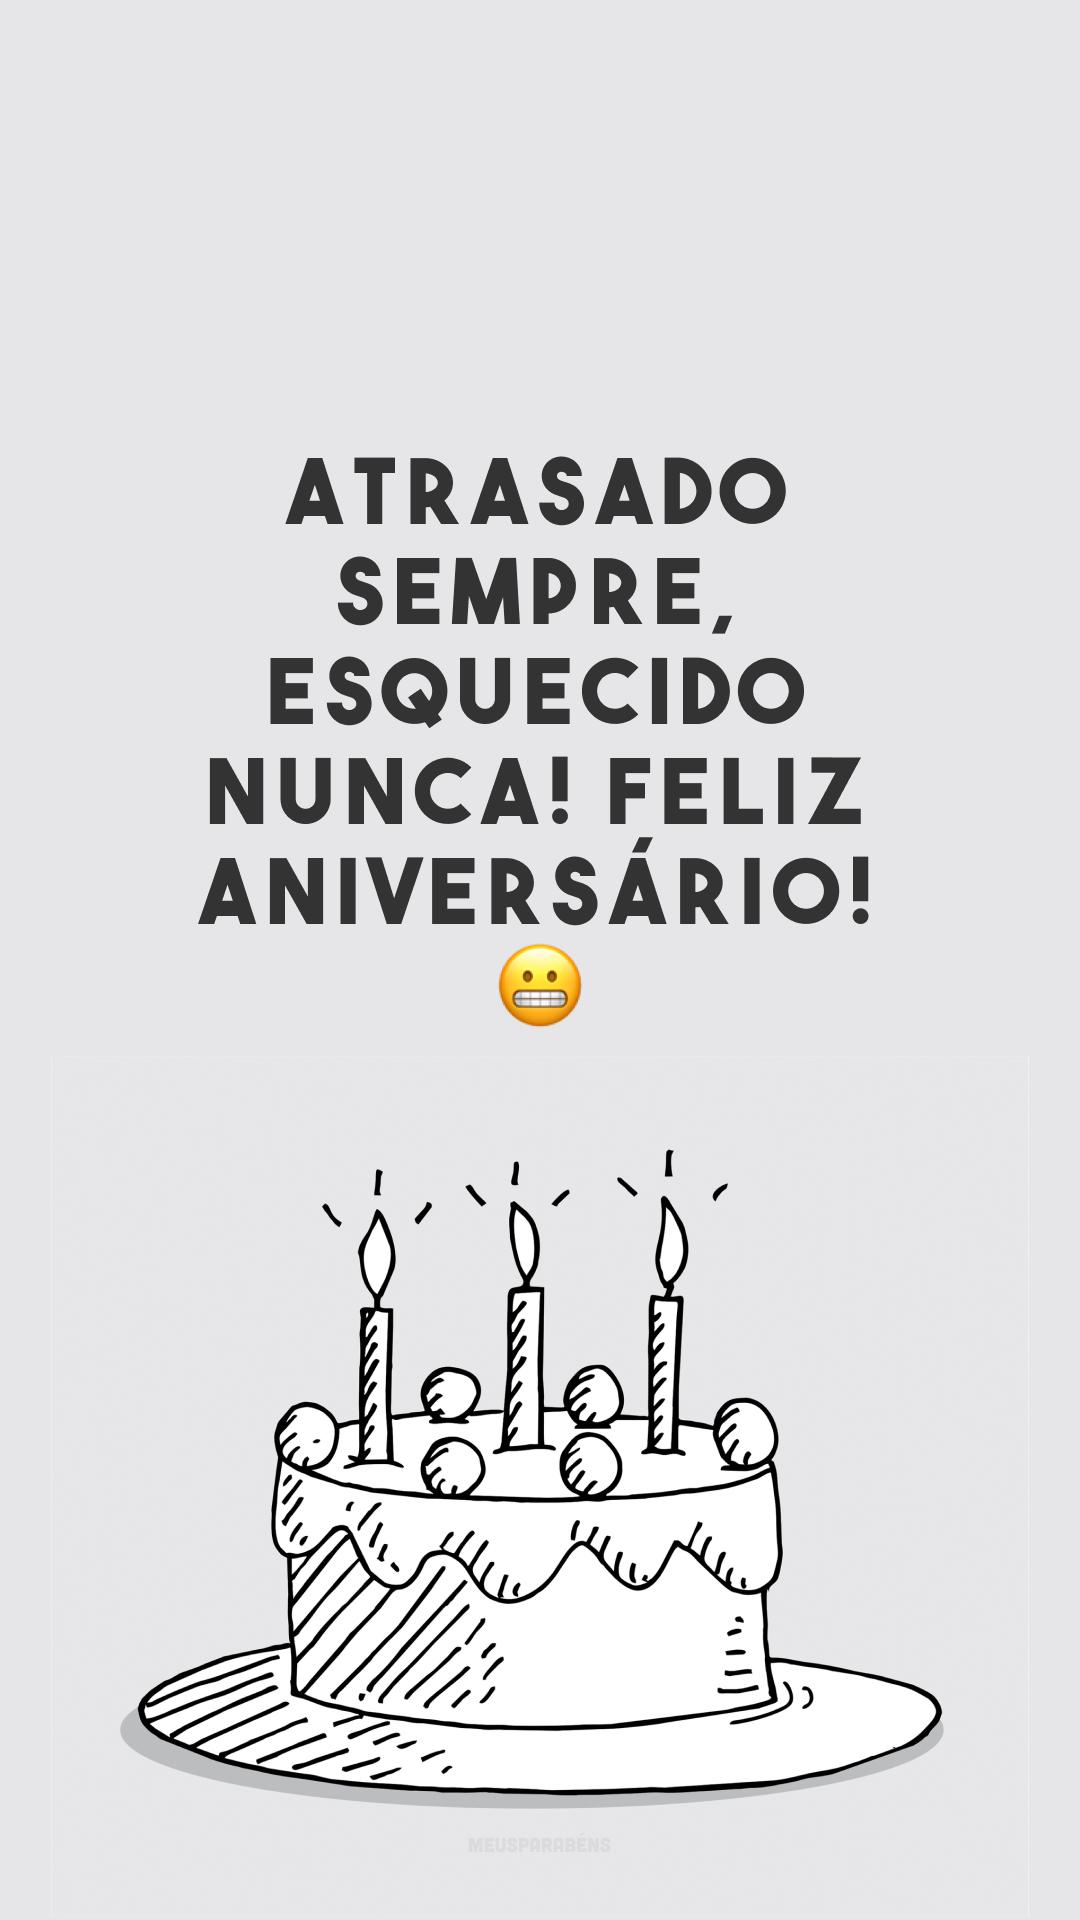 Atrasado sempre, esquecido nunca! Feliz aniversário! 😀